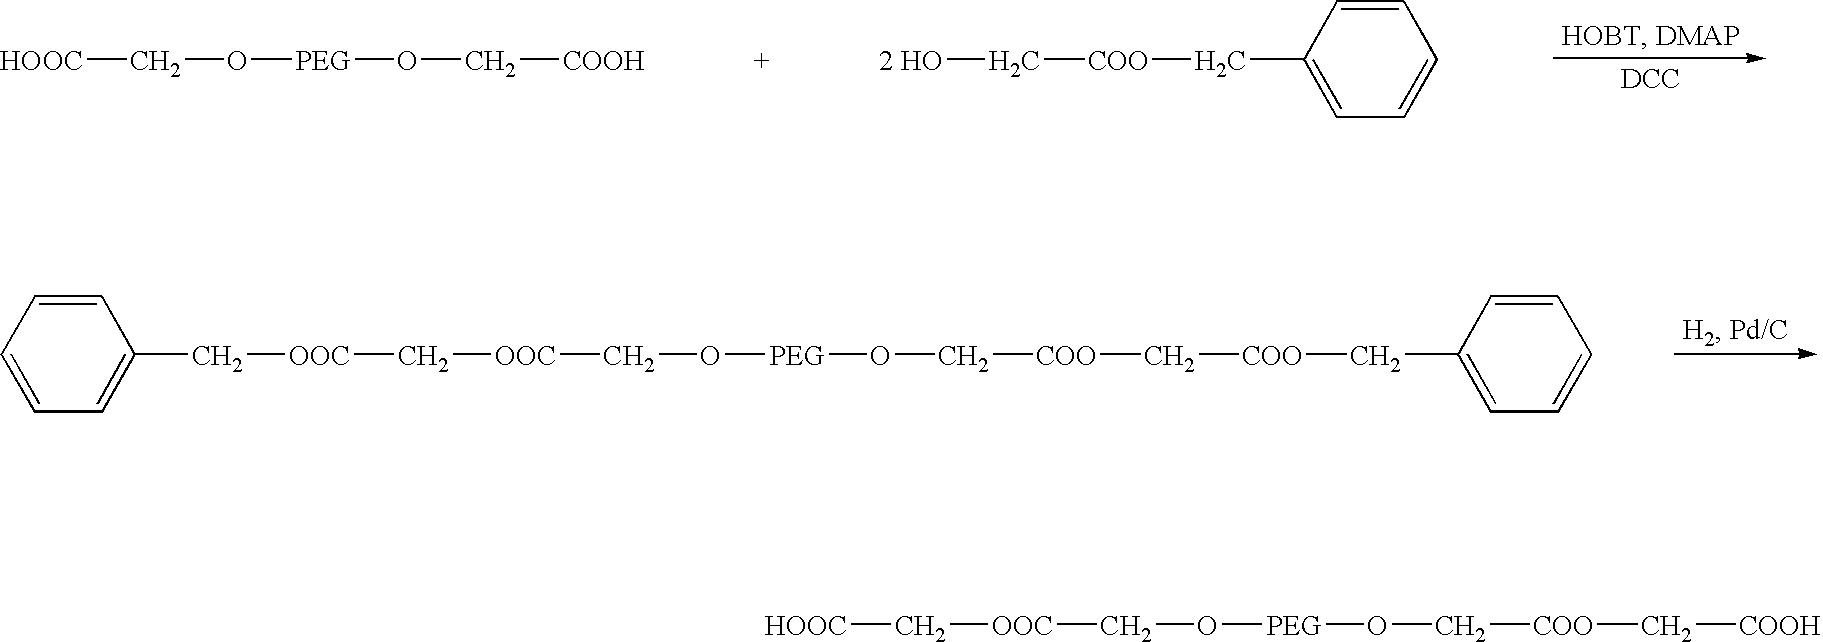 Figure US20050158273A1-20050721-C00008